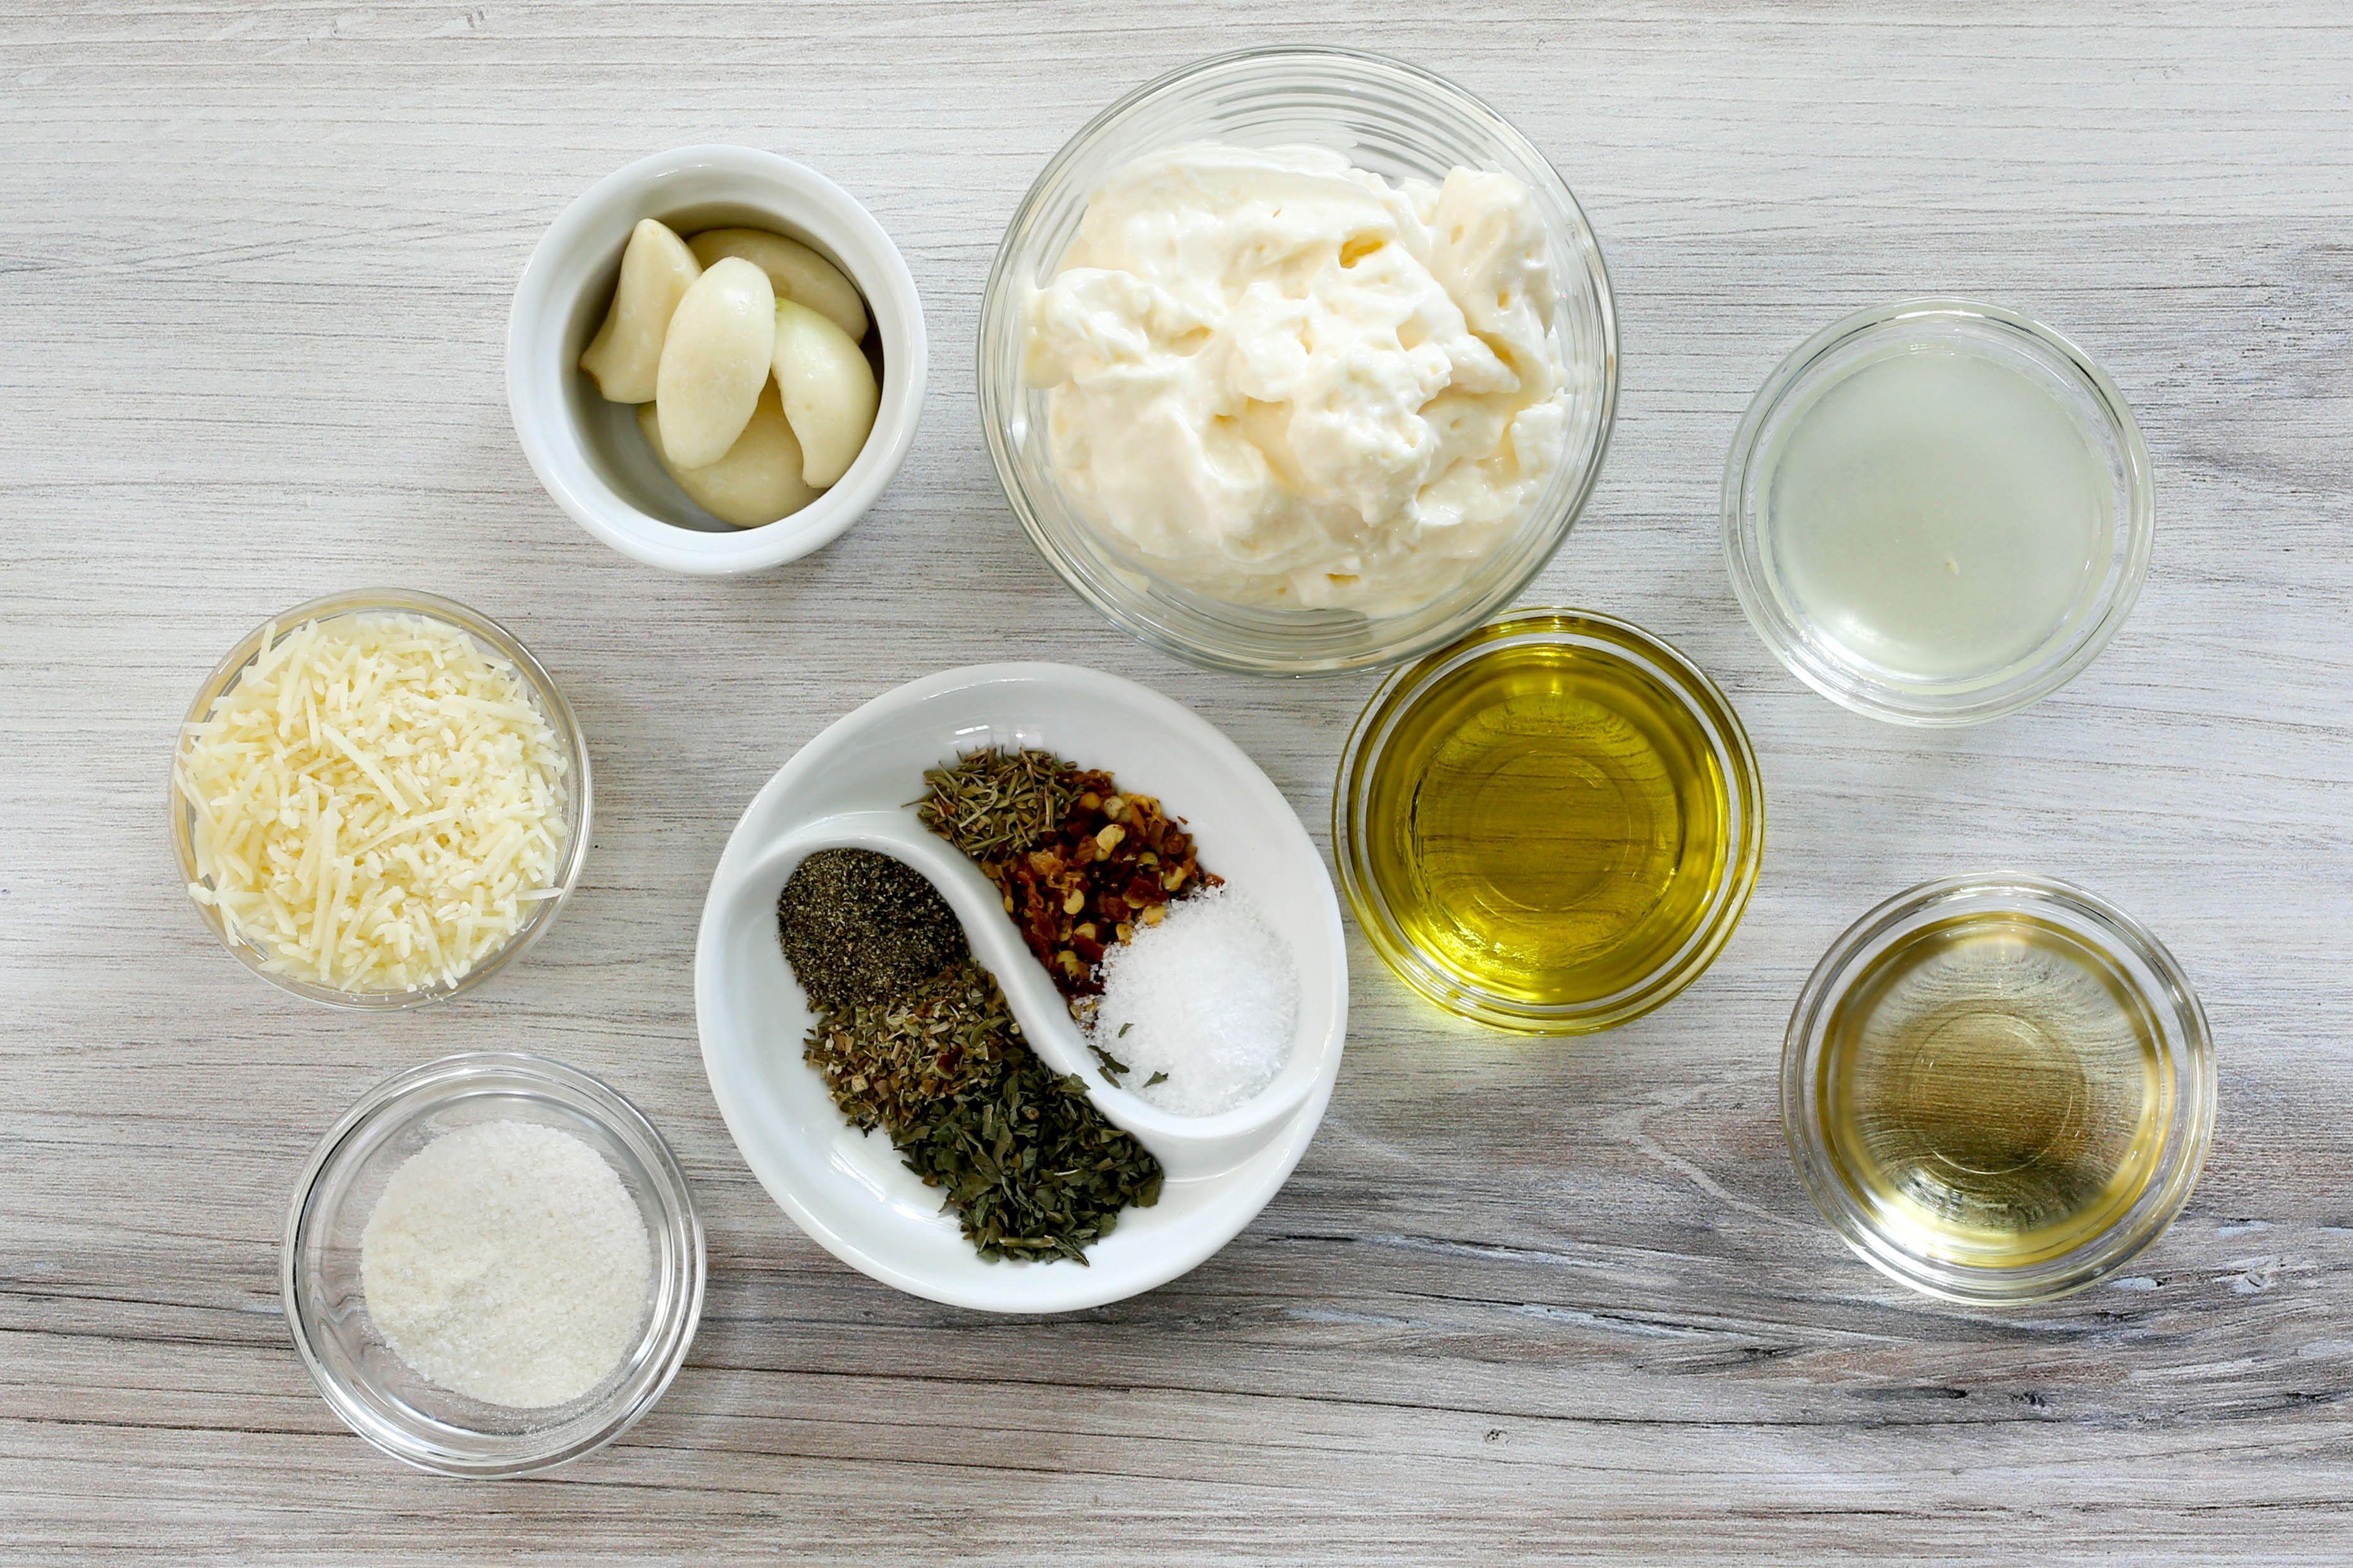 Ingredients for garlic Parmesan sauce